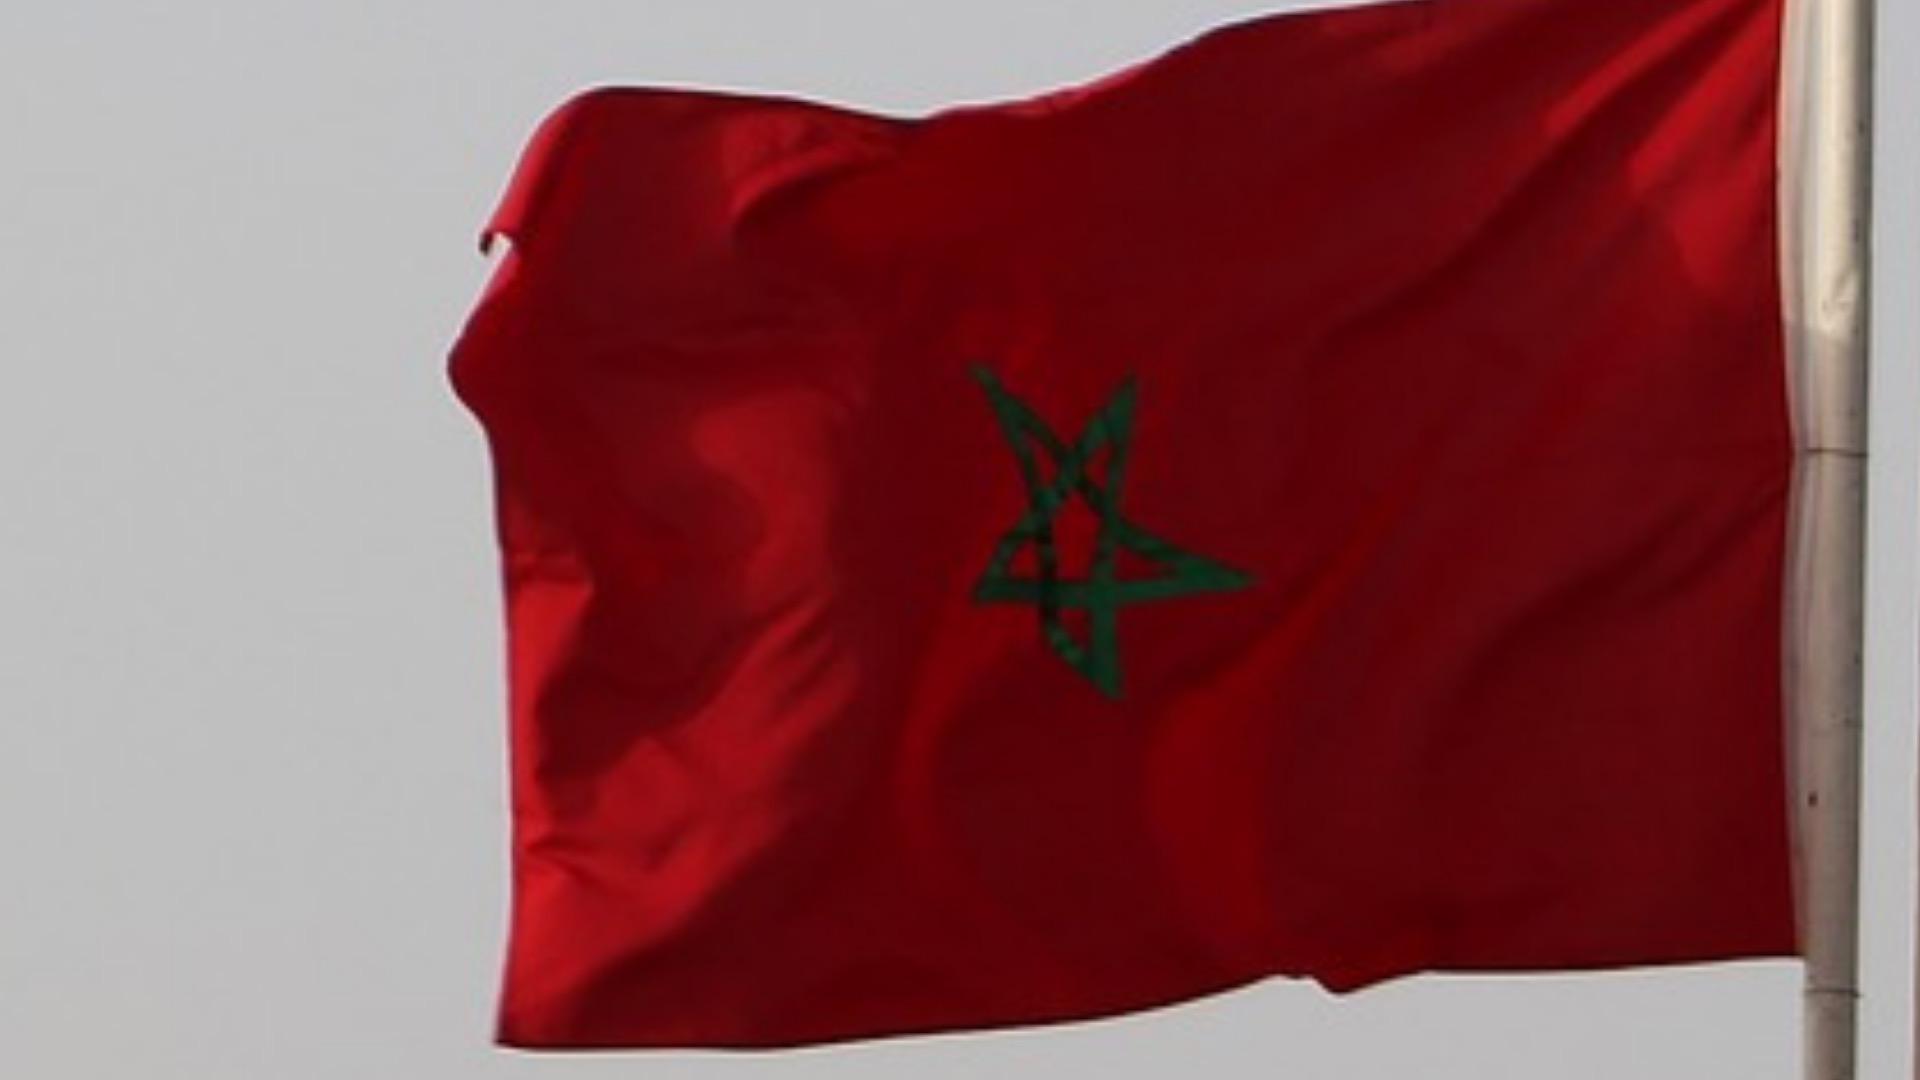 Trasporti internazionali Italia Marocco. Circolare MIT sulle difficolta delle autorita marocchine al rilascio degli Annex CEMT